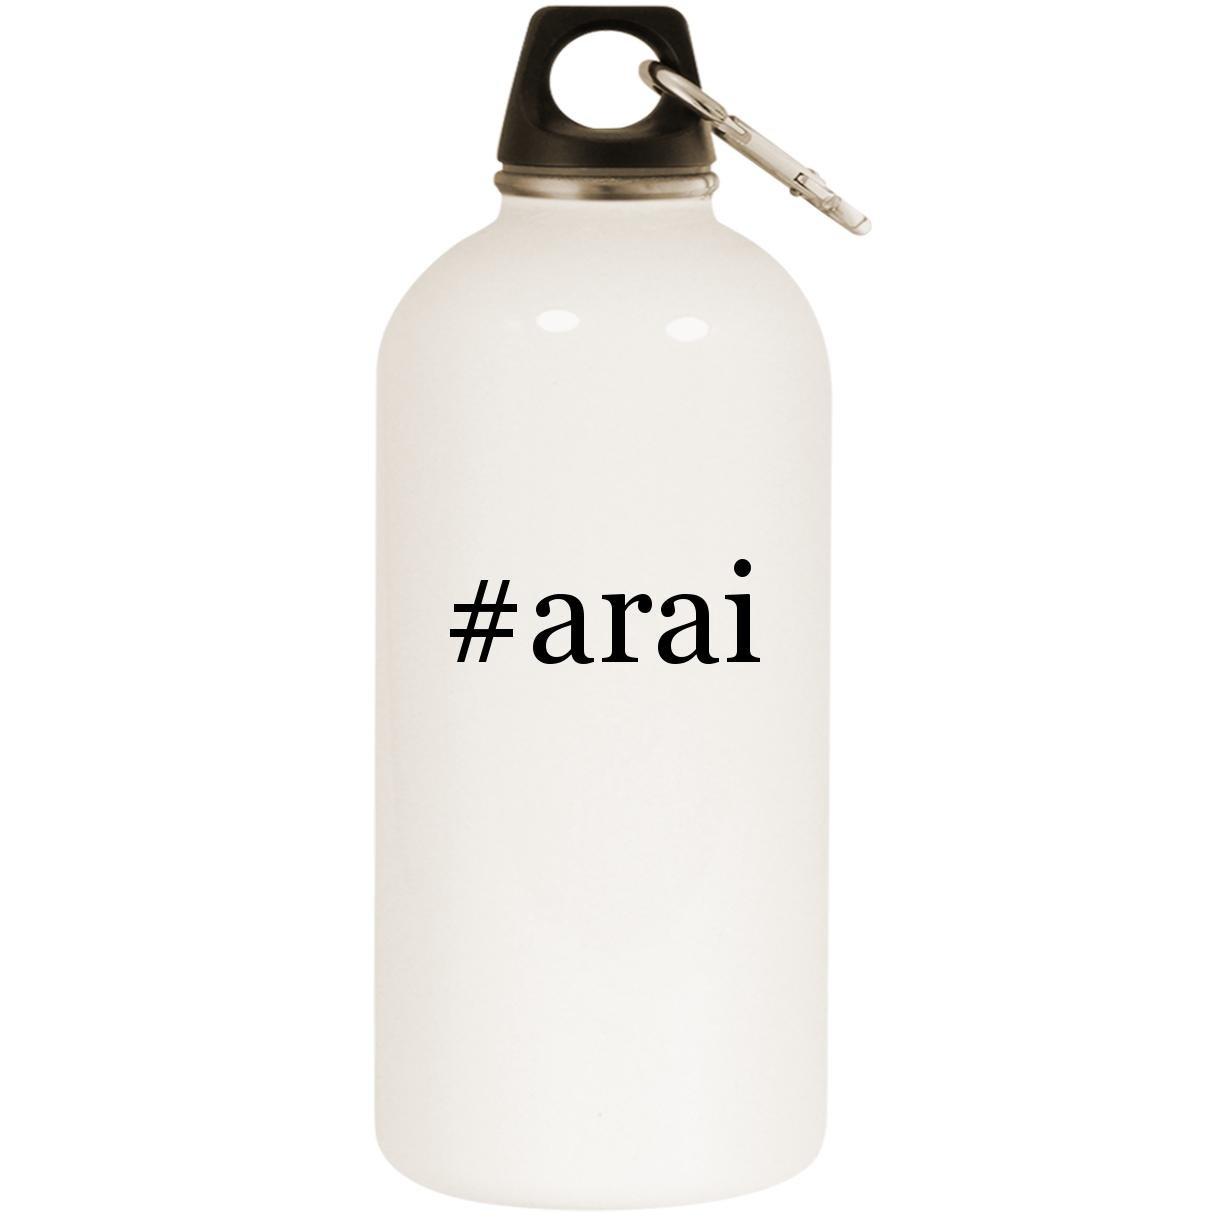 # Arai – ホワイトハッシュタグ20ozステンレススチールウォーターボトルカラビナ B0741VRGFC